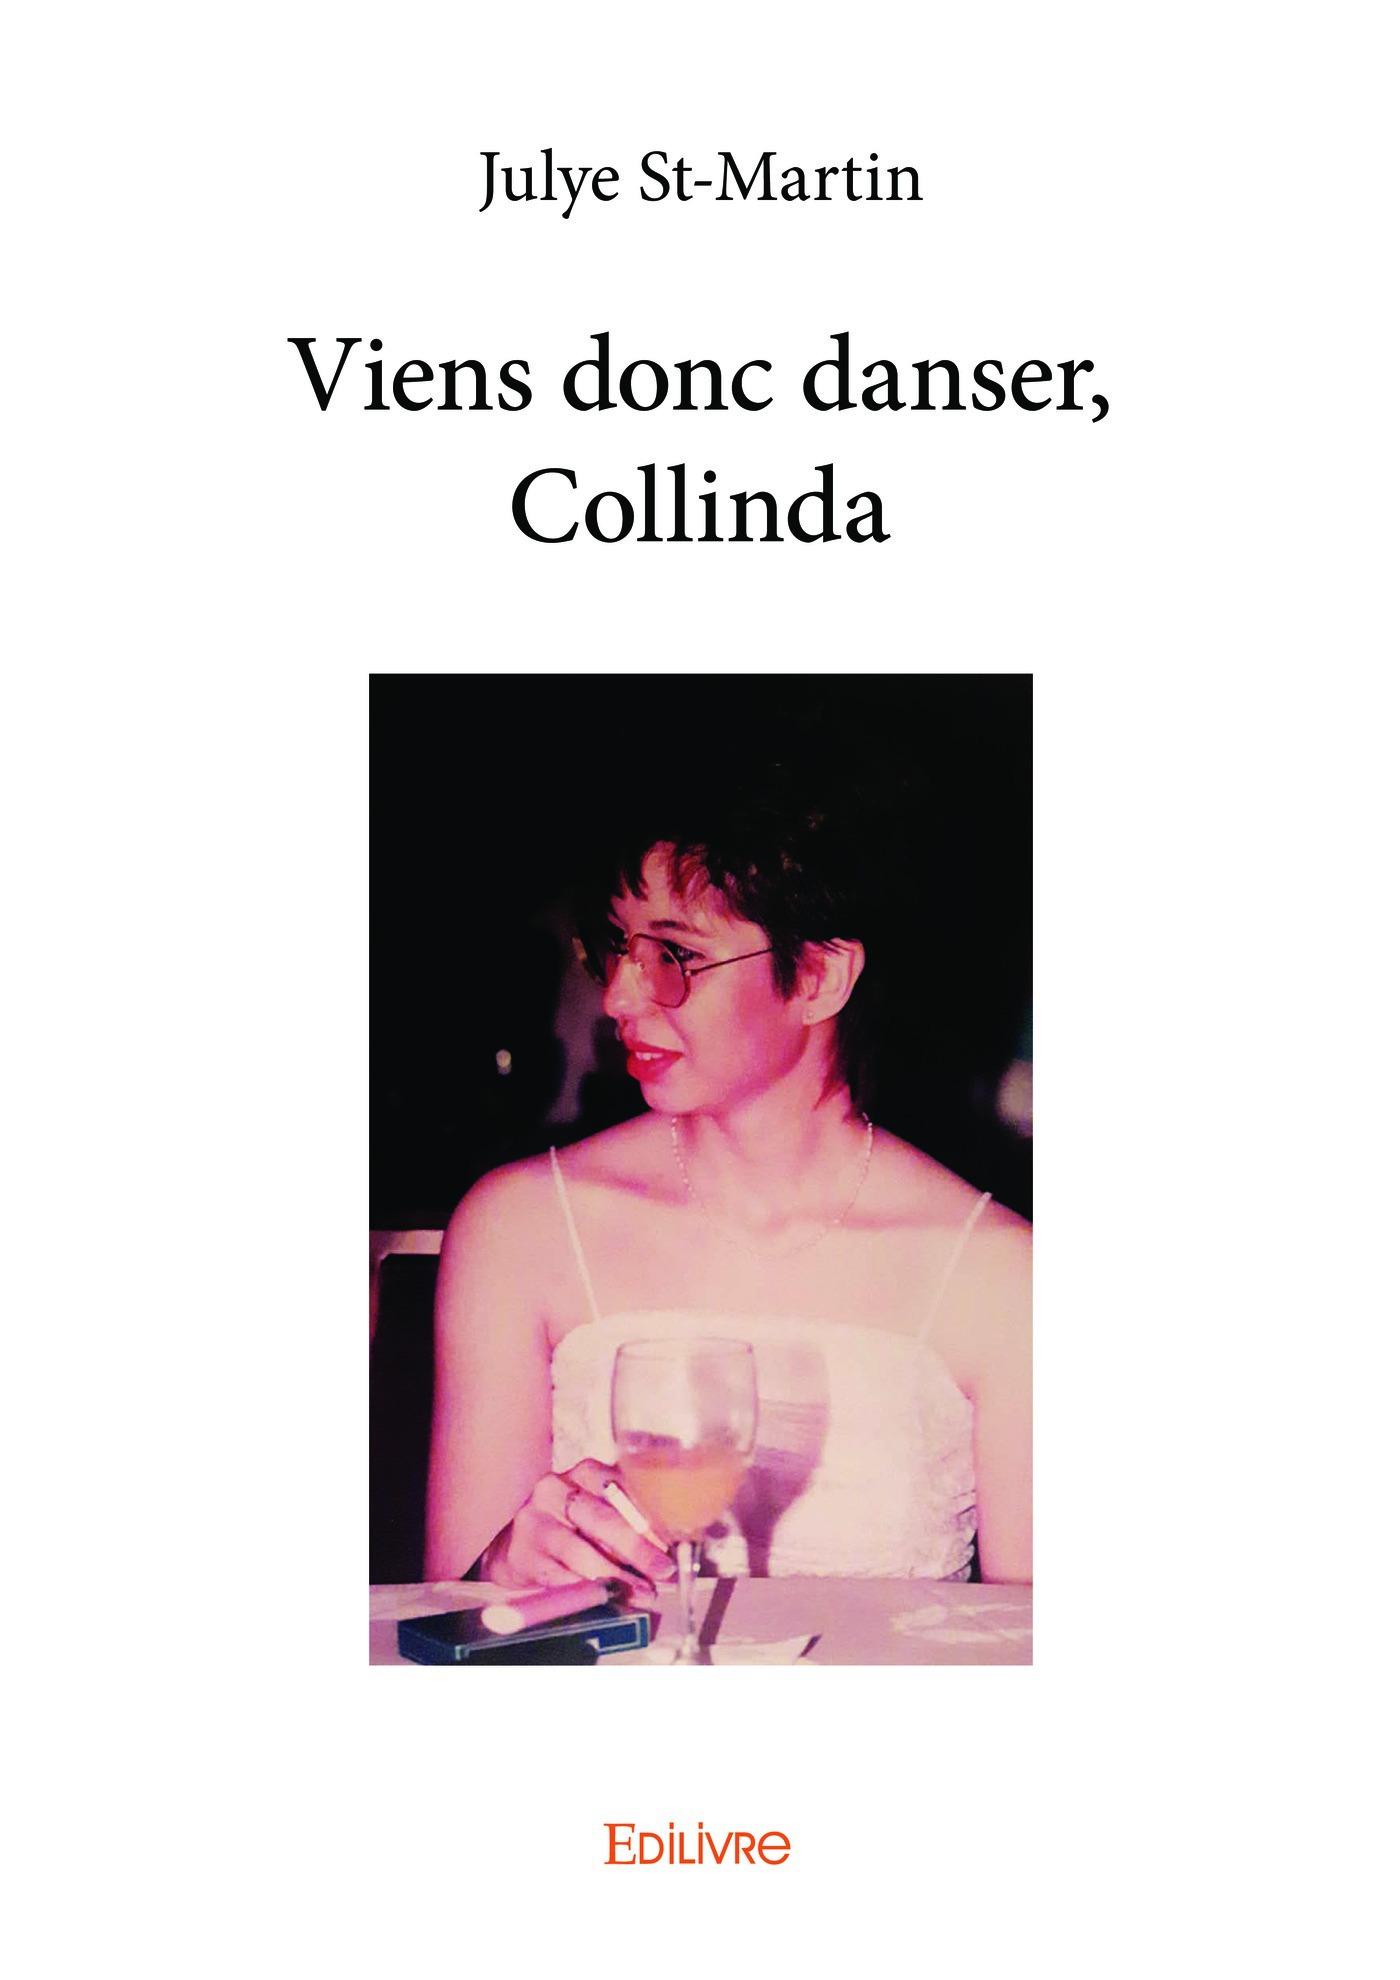 Viens donc danser, collinda